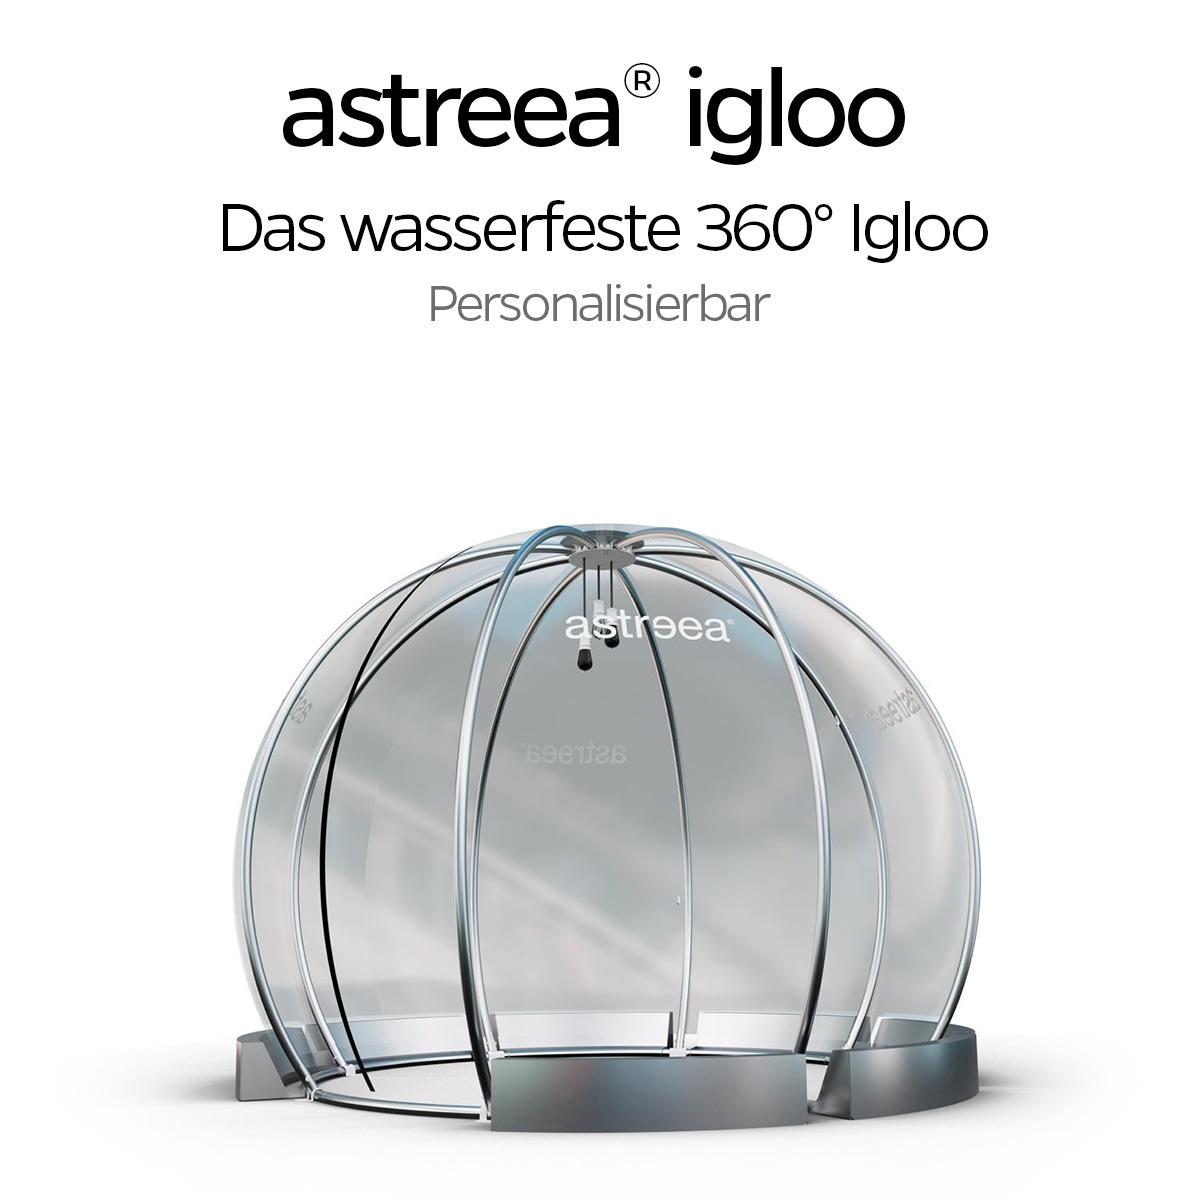 Astreea Igloo